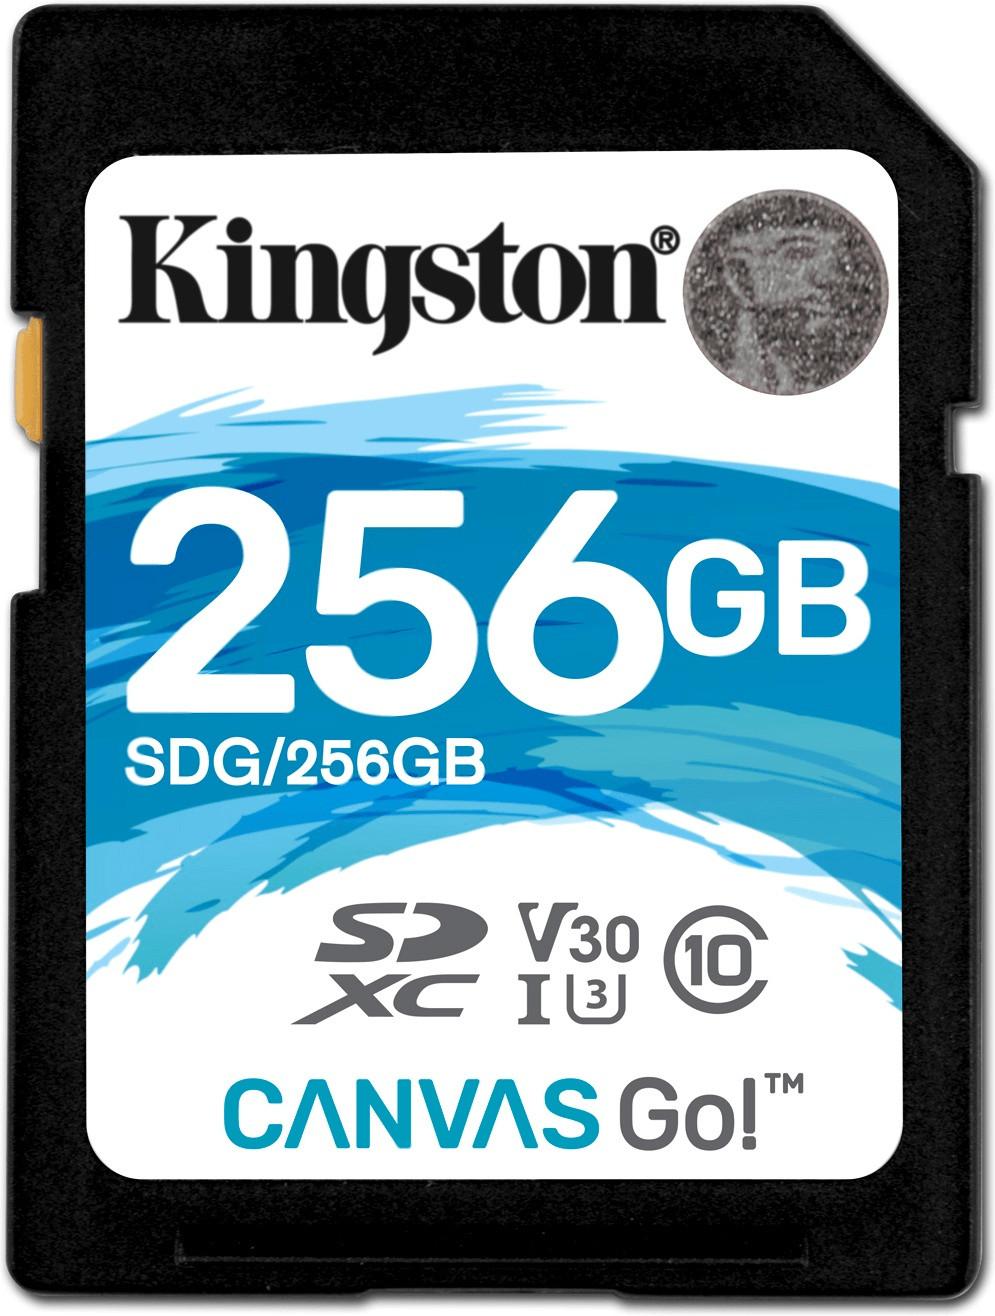 SDXC Speicherkarte 256GB Kingston Canvas GO 90R/45W 15 Stk Mindstar